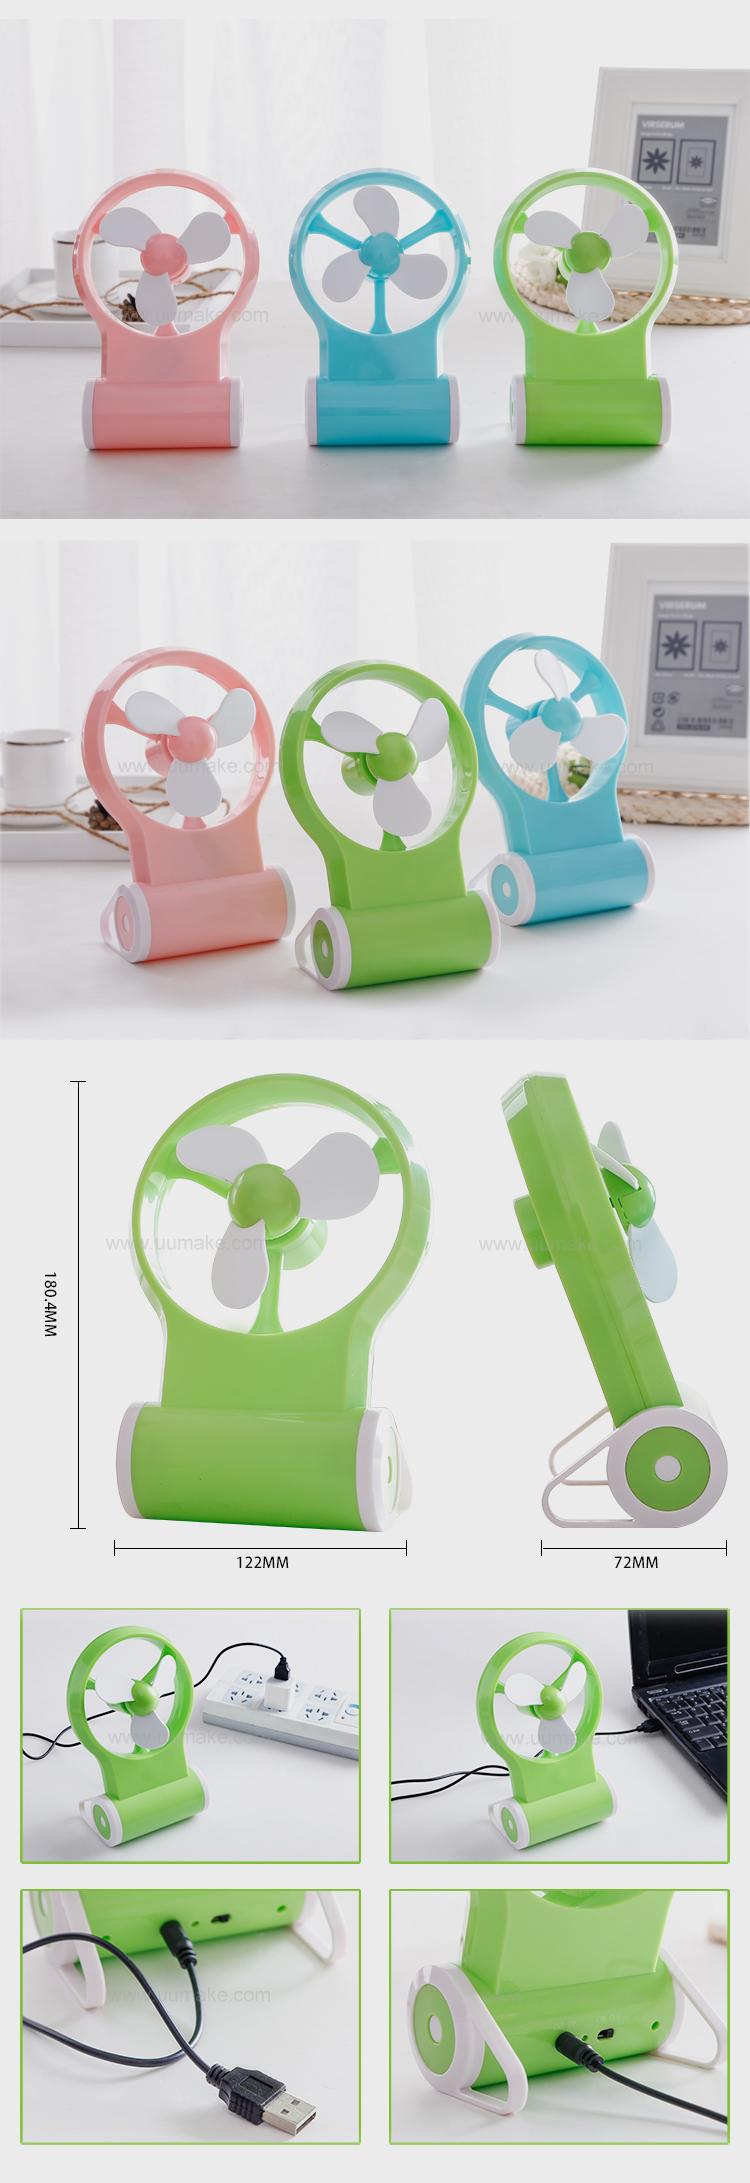 迷你風扇,電子風扇,小風扇,風扇,廣告禮品,促銷禮品,贈品,訂造,定做,批發,迷你風扇